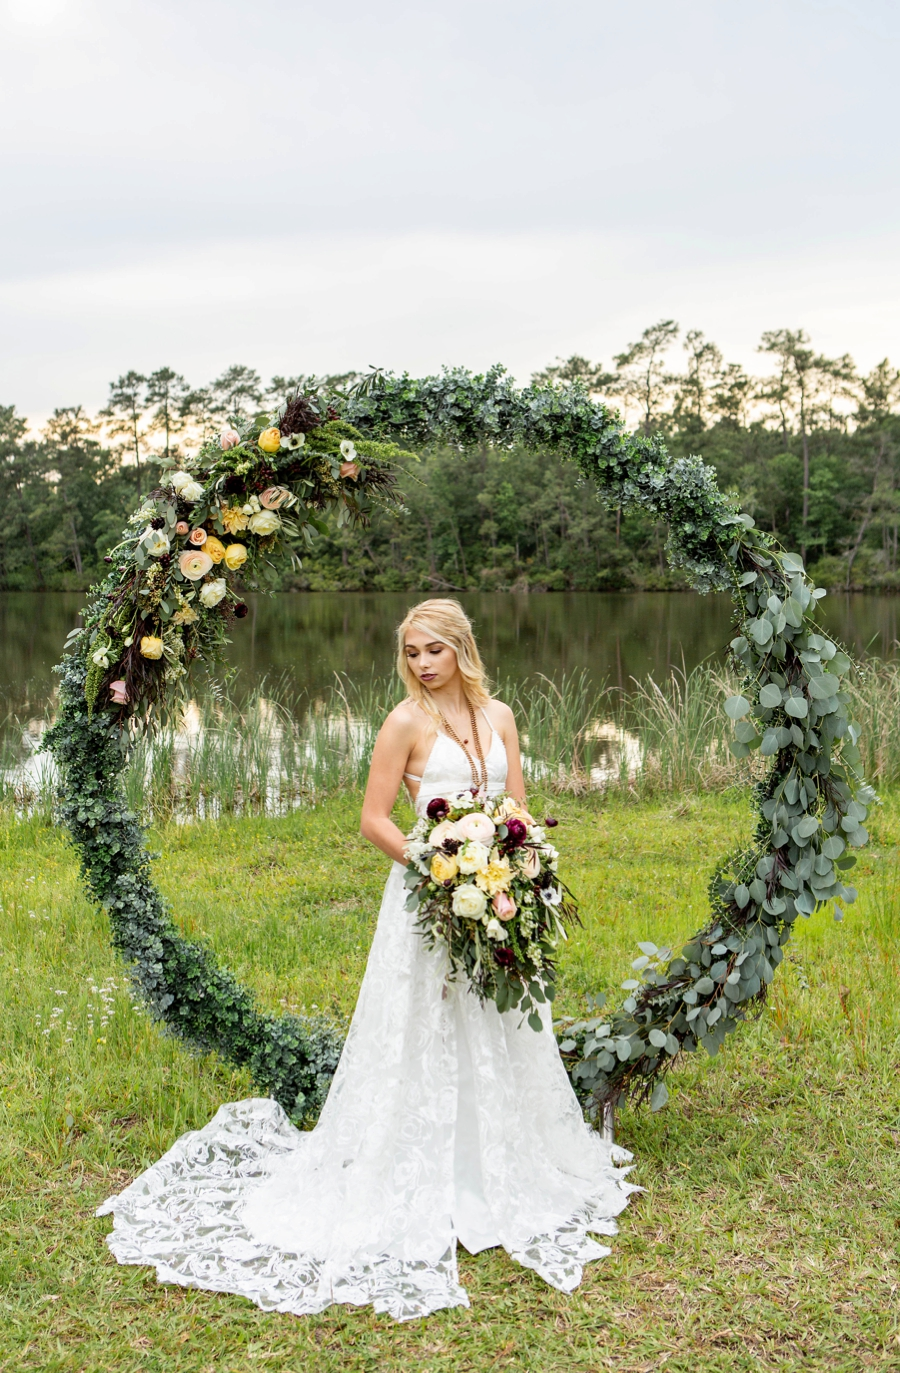 Boho Glam Wedding Ideas via TheELD.com